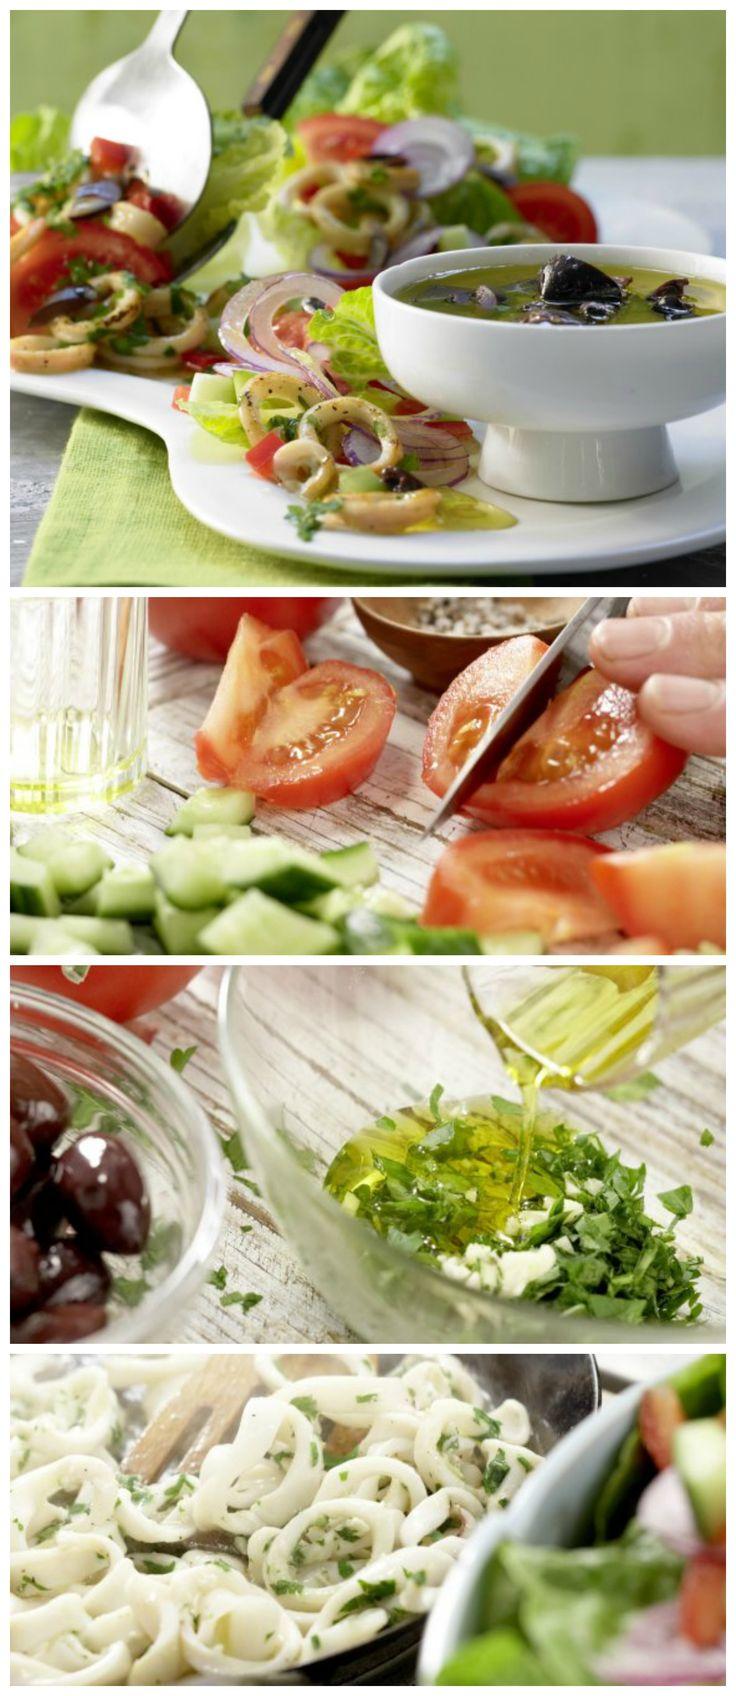 Die bunte Mischung liefert Urlaubserinnerungen frei Haus:Griechischer Tintenfischsalat mit Gurke und Paprika   http://eatsmarter.de/rezepte/griechischer-tintenfischsalat#recipe-tabs